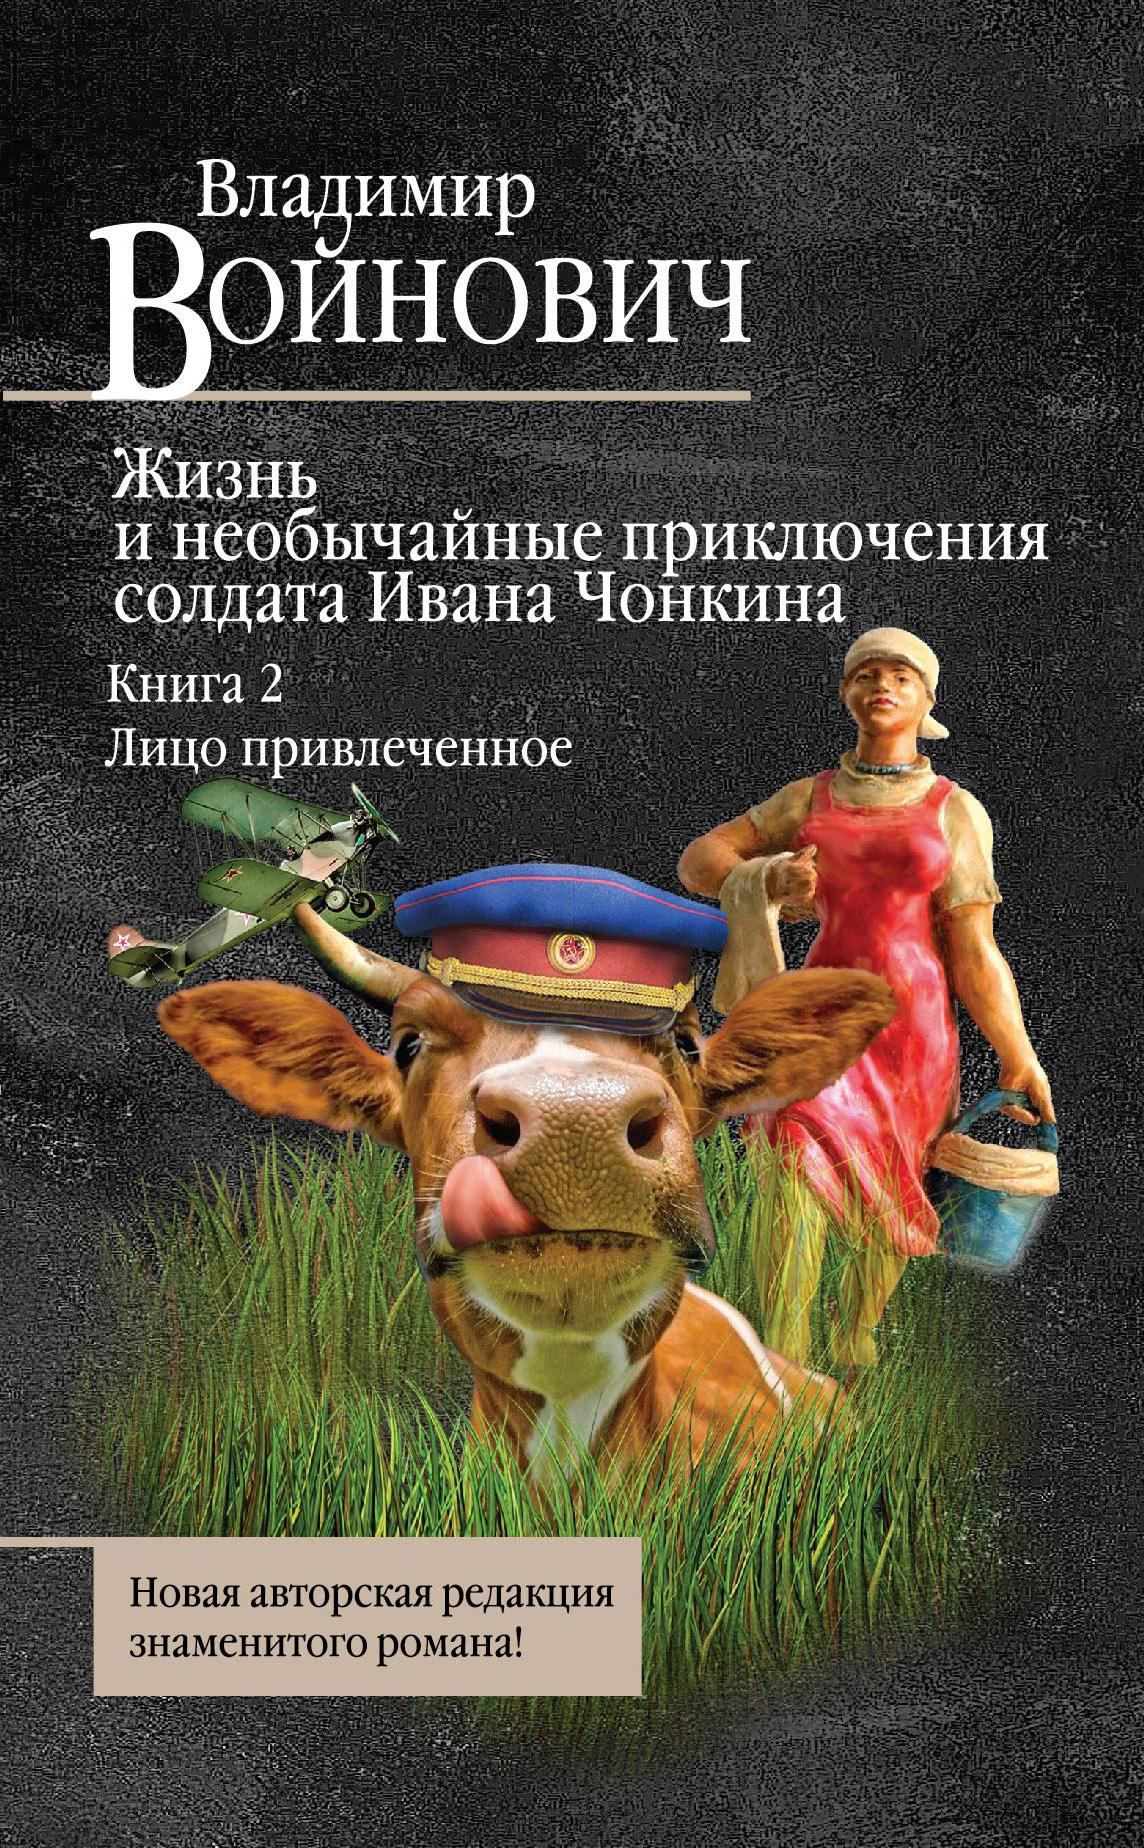 Войнович В.Н. Жизнь и необычайные приключения солдата Ивана Чонкина. Книга 2. Лицо привлеченное